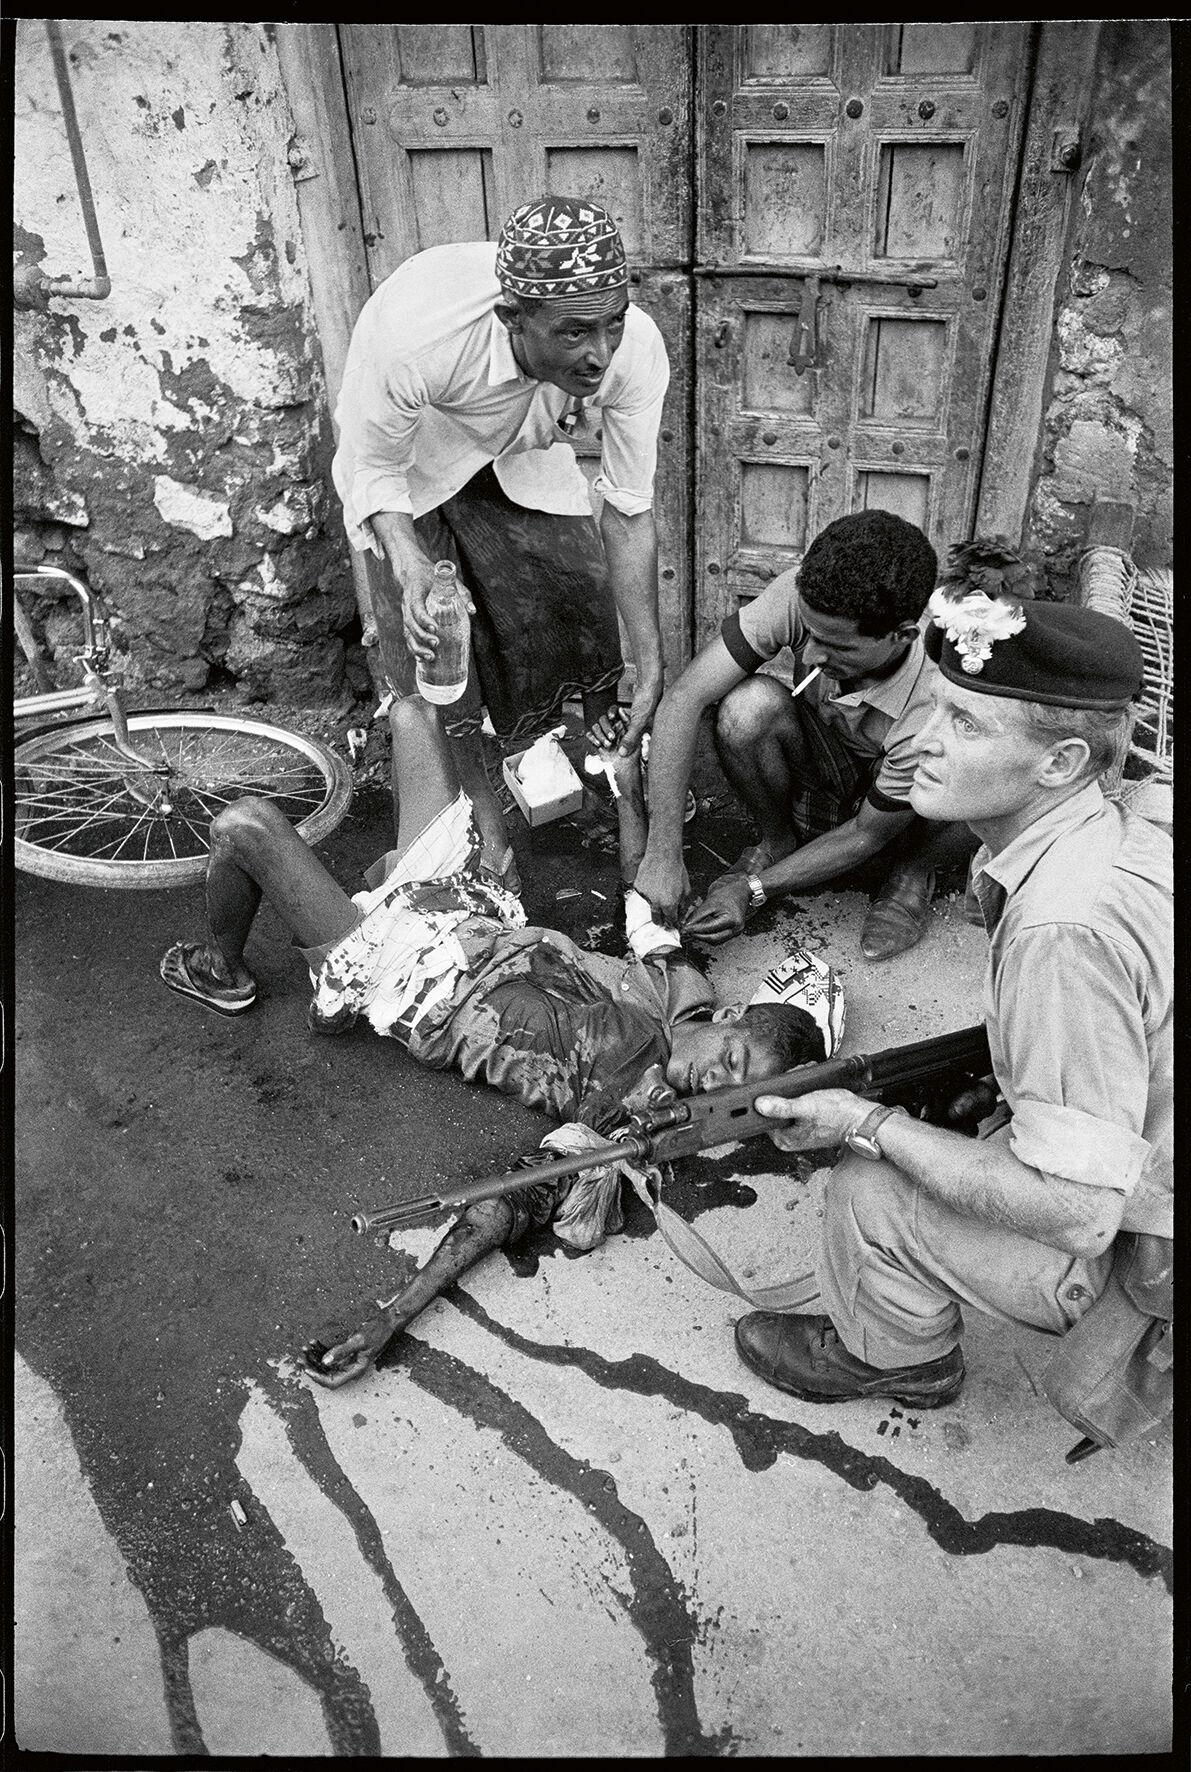 Priya Ramrakha, British attack, Aden, Yemen, 1967. © Priya Ramrakha.